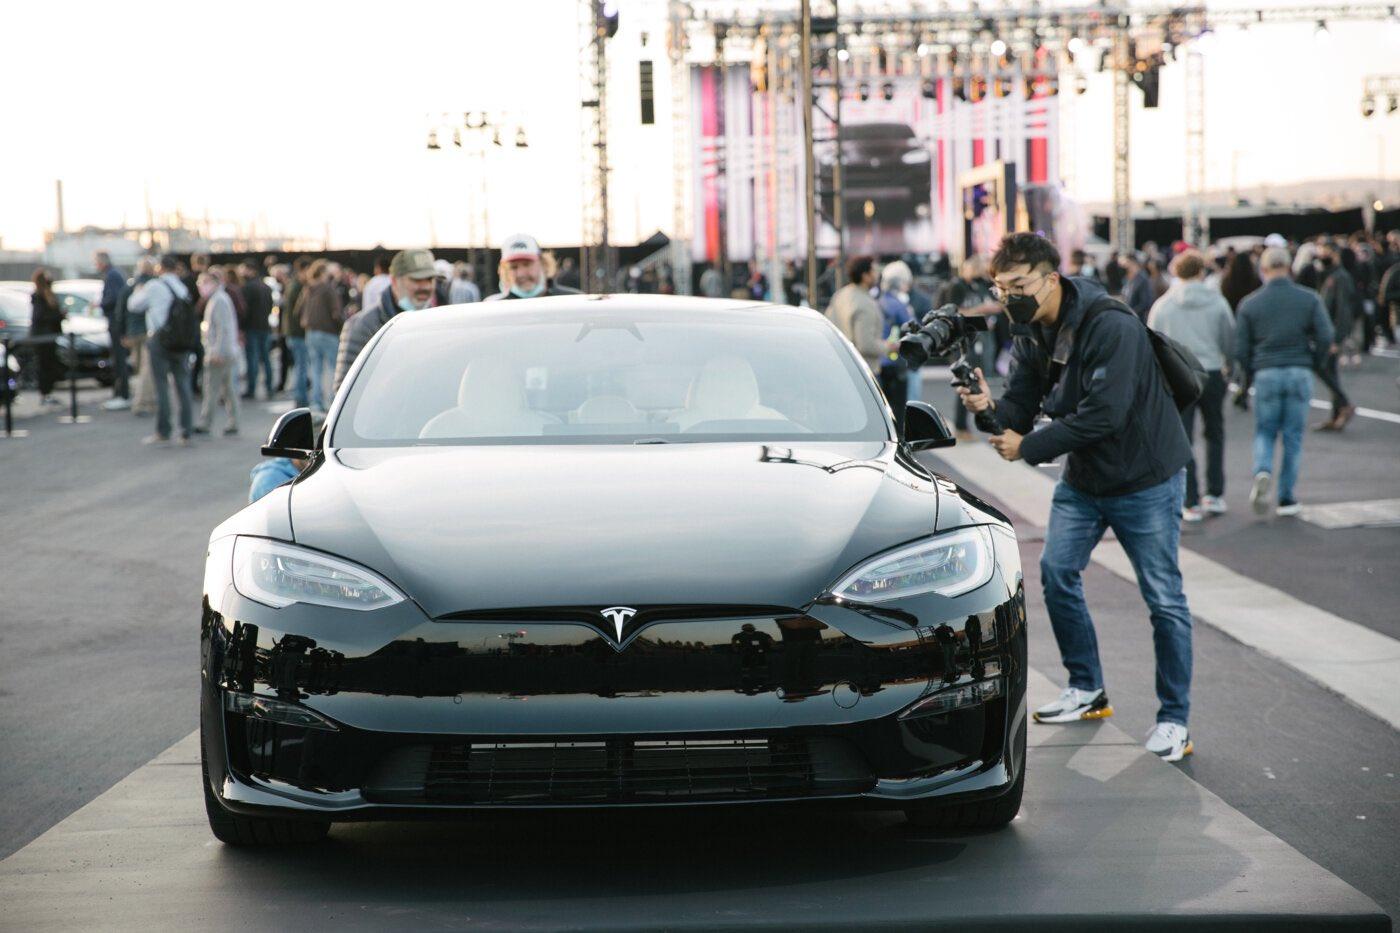 Самое шокирующее обновление Tesla Model S Plaid скрыто у всех на виду